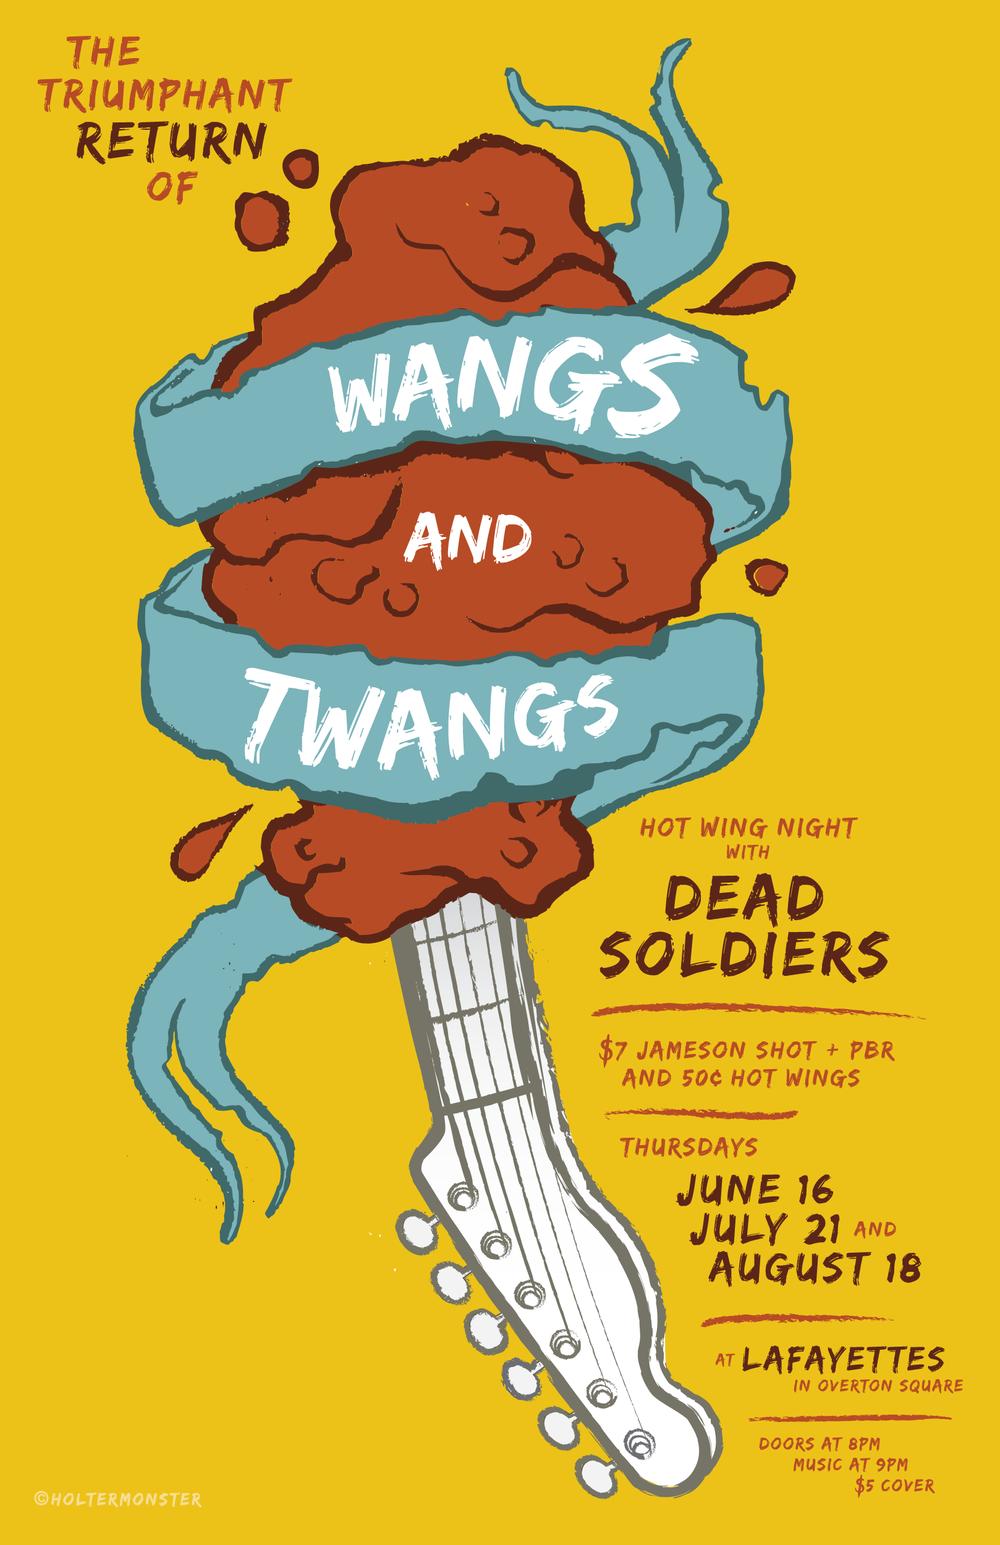 dead-soldiers_wangs-twangs_2016-web.png